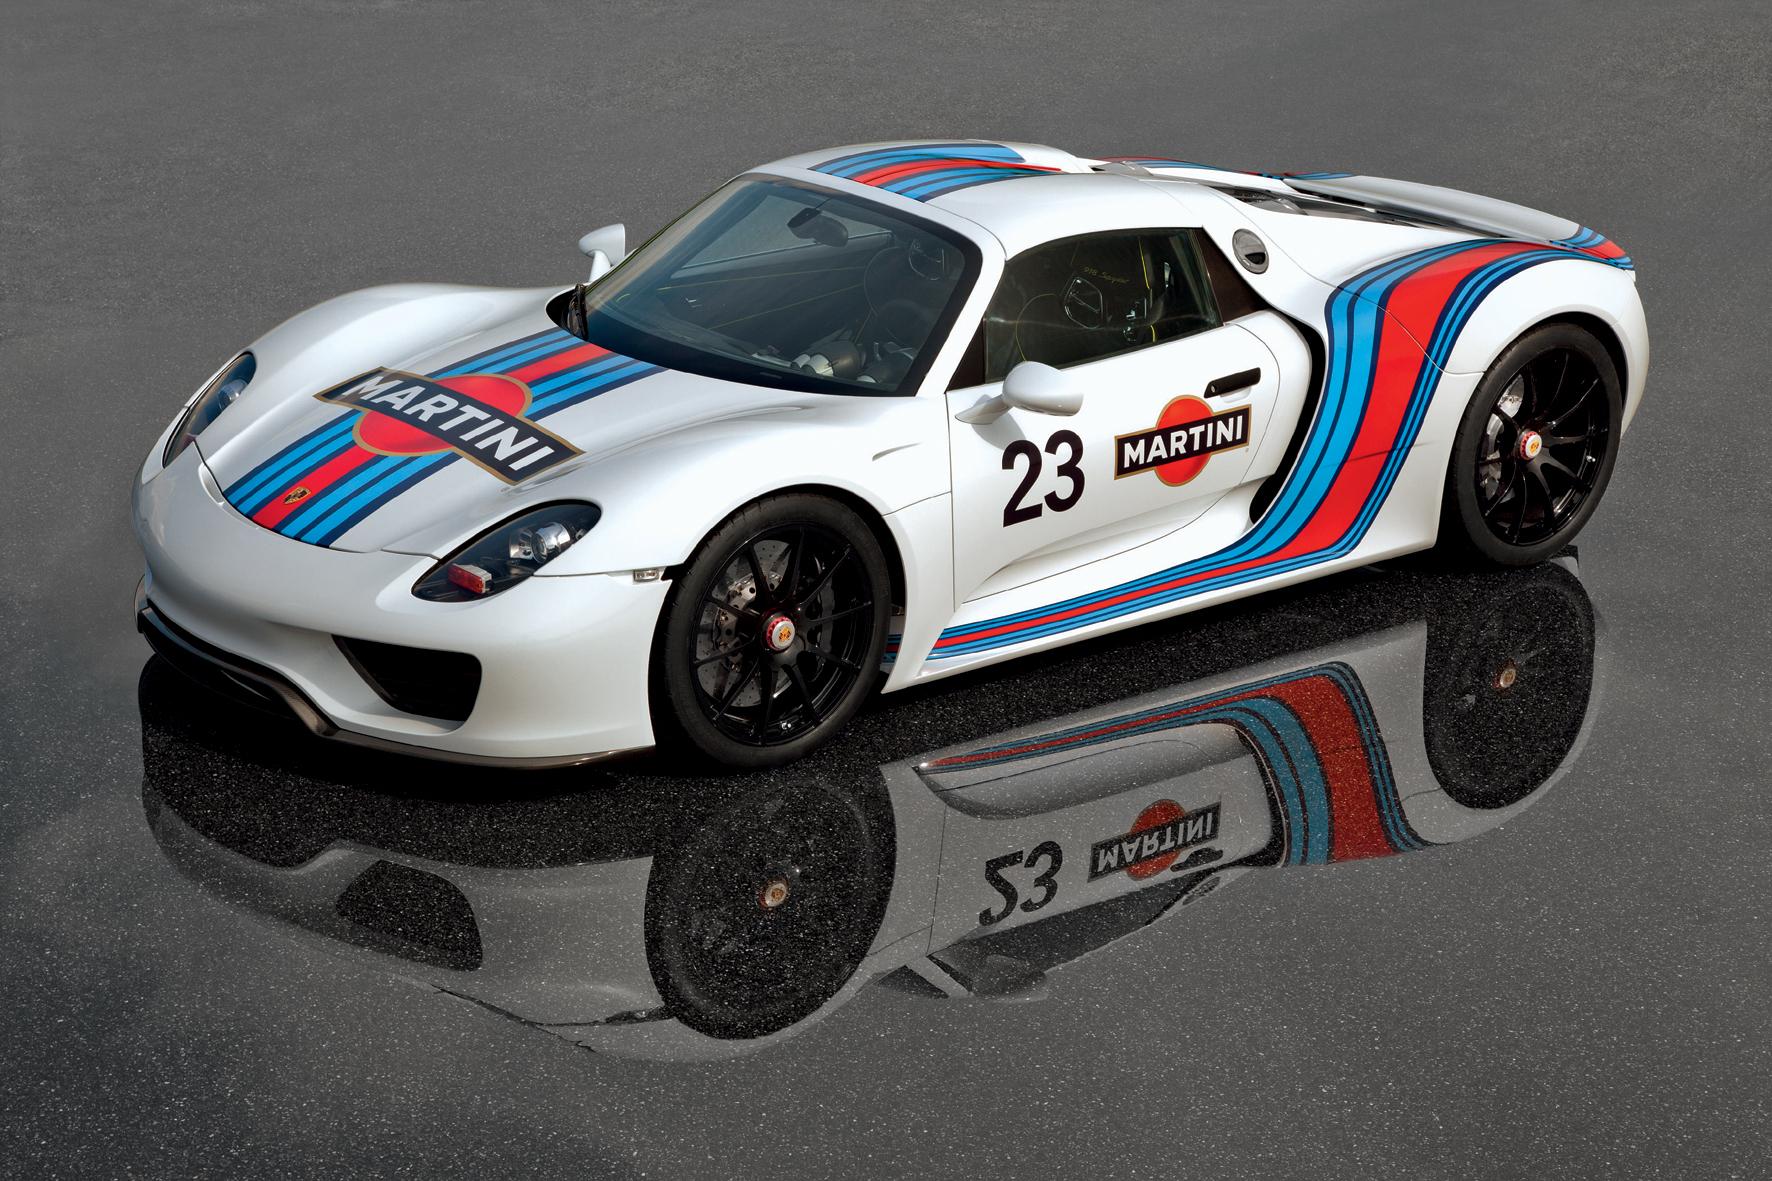 mid Düsseldorf - Technologieträger und bereits heute die Rolle als automobiler Klassiker reserviert: der Porsche 918 Spyder.